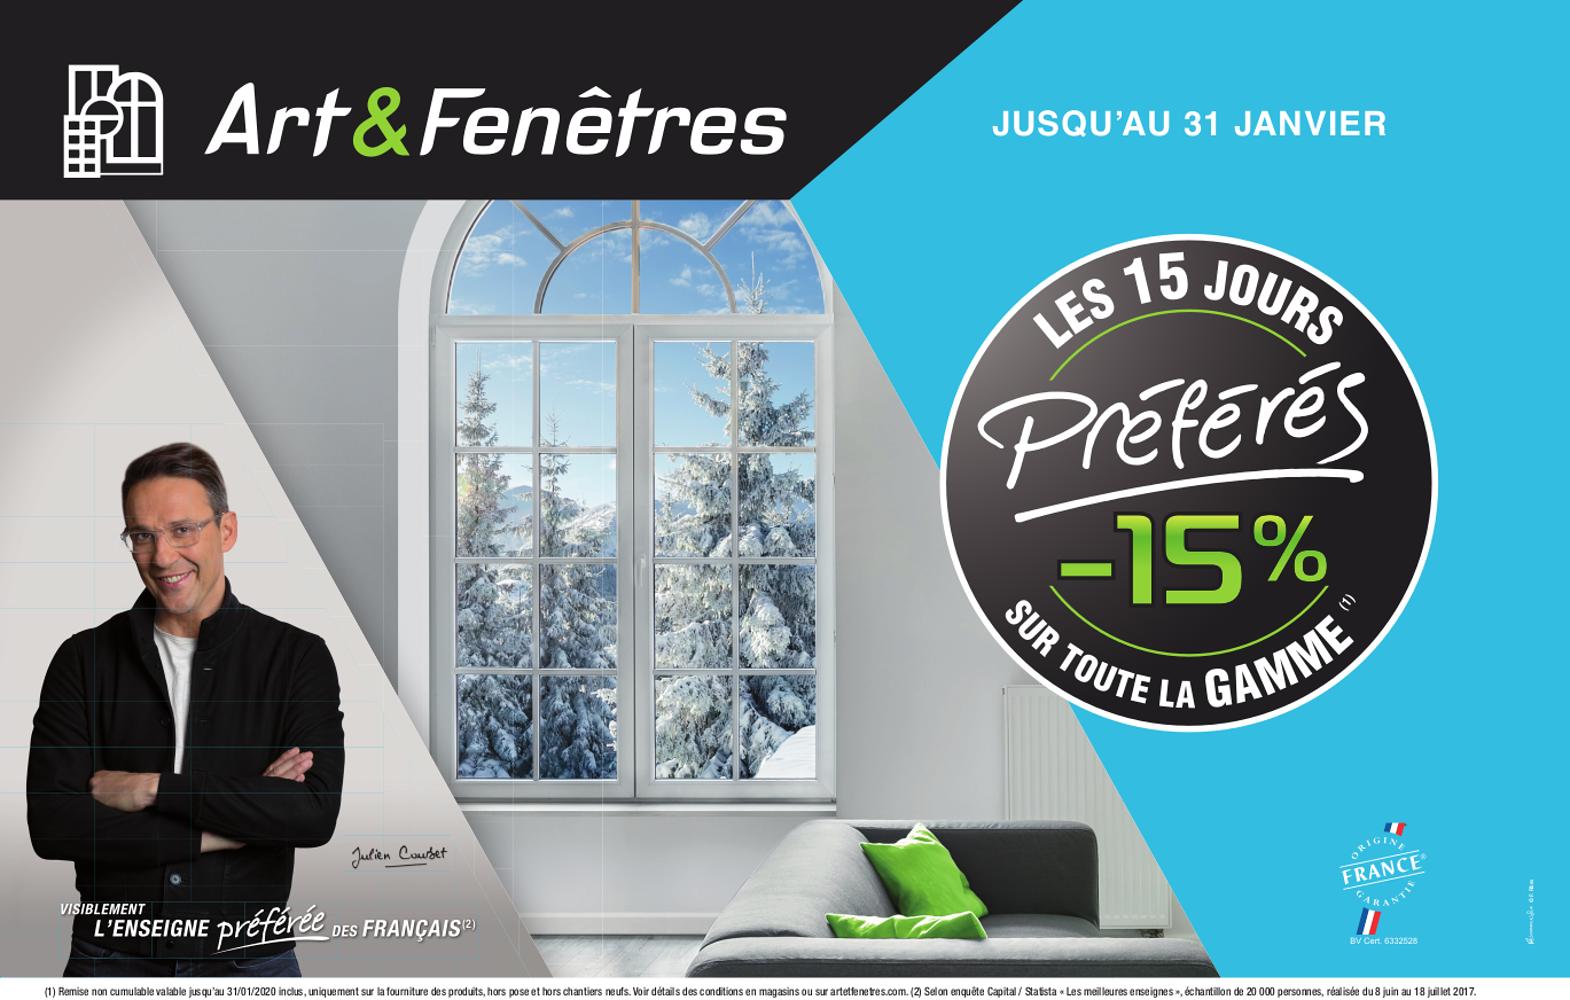 - 15 % sur toute la gamme Art & Fenêtres 0